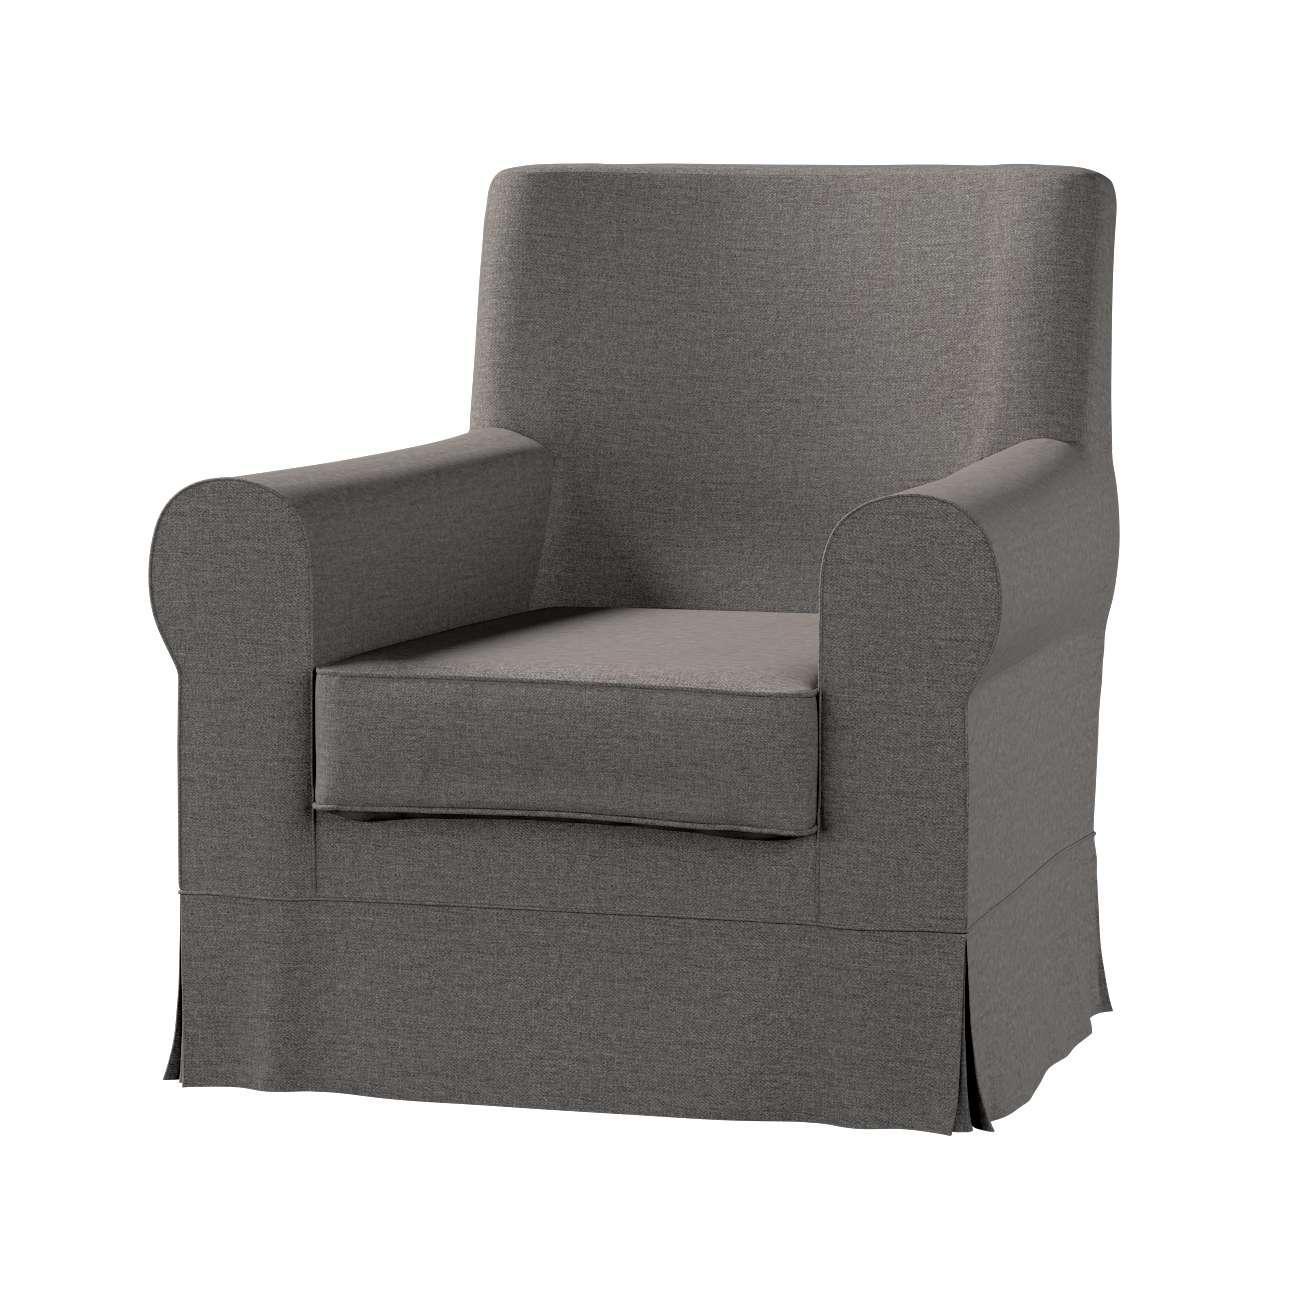 EKTORP JENNYLUND fotelio užvalkalas Ektorp Jennylund fotelio užvalkalas kolekcijoje Edinburgh , audinys: 115-77